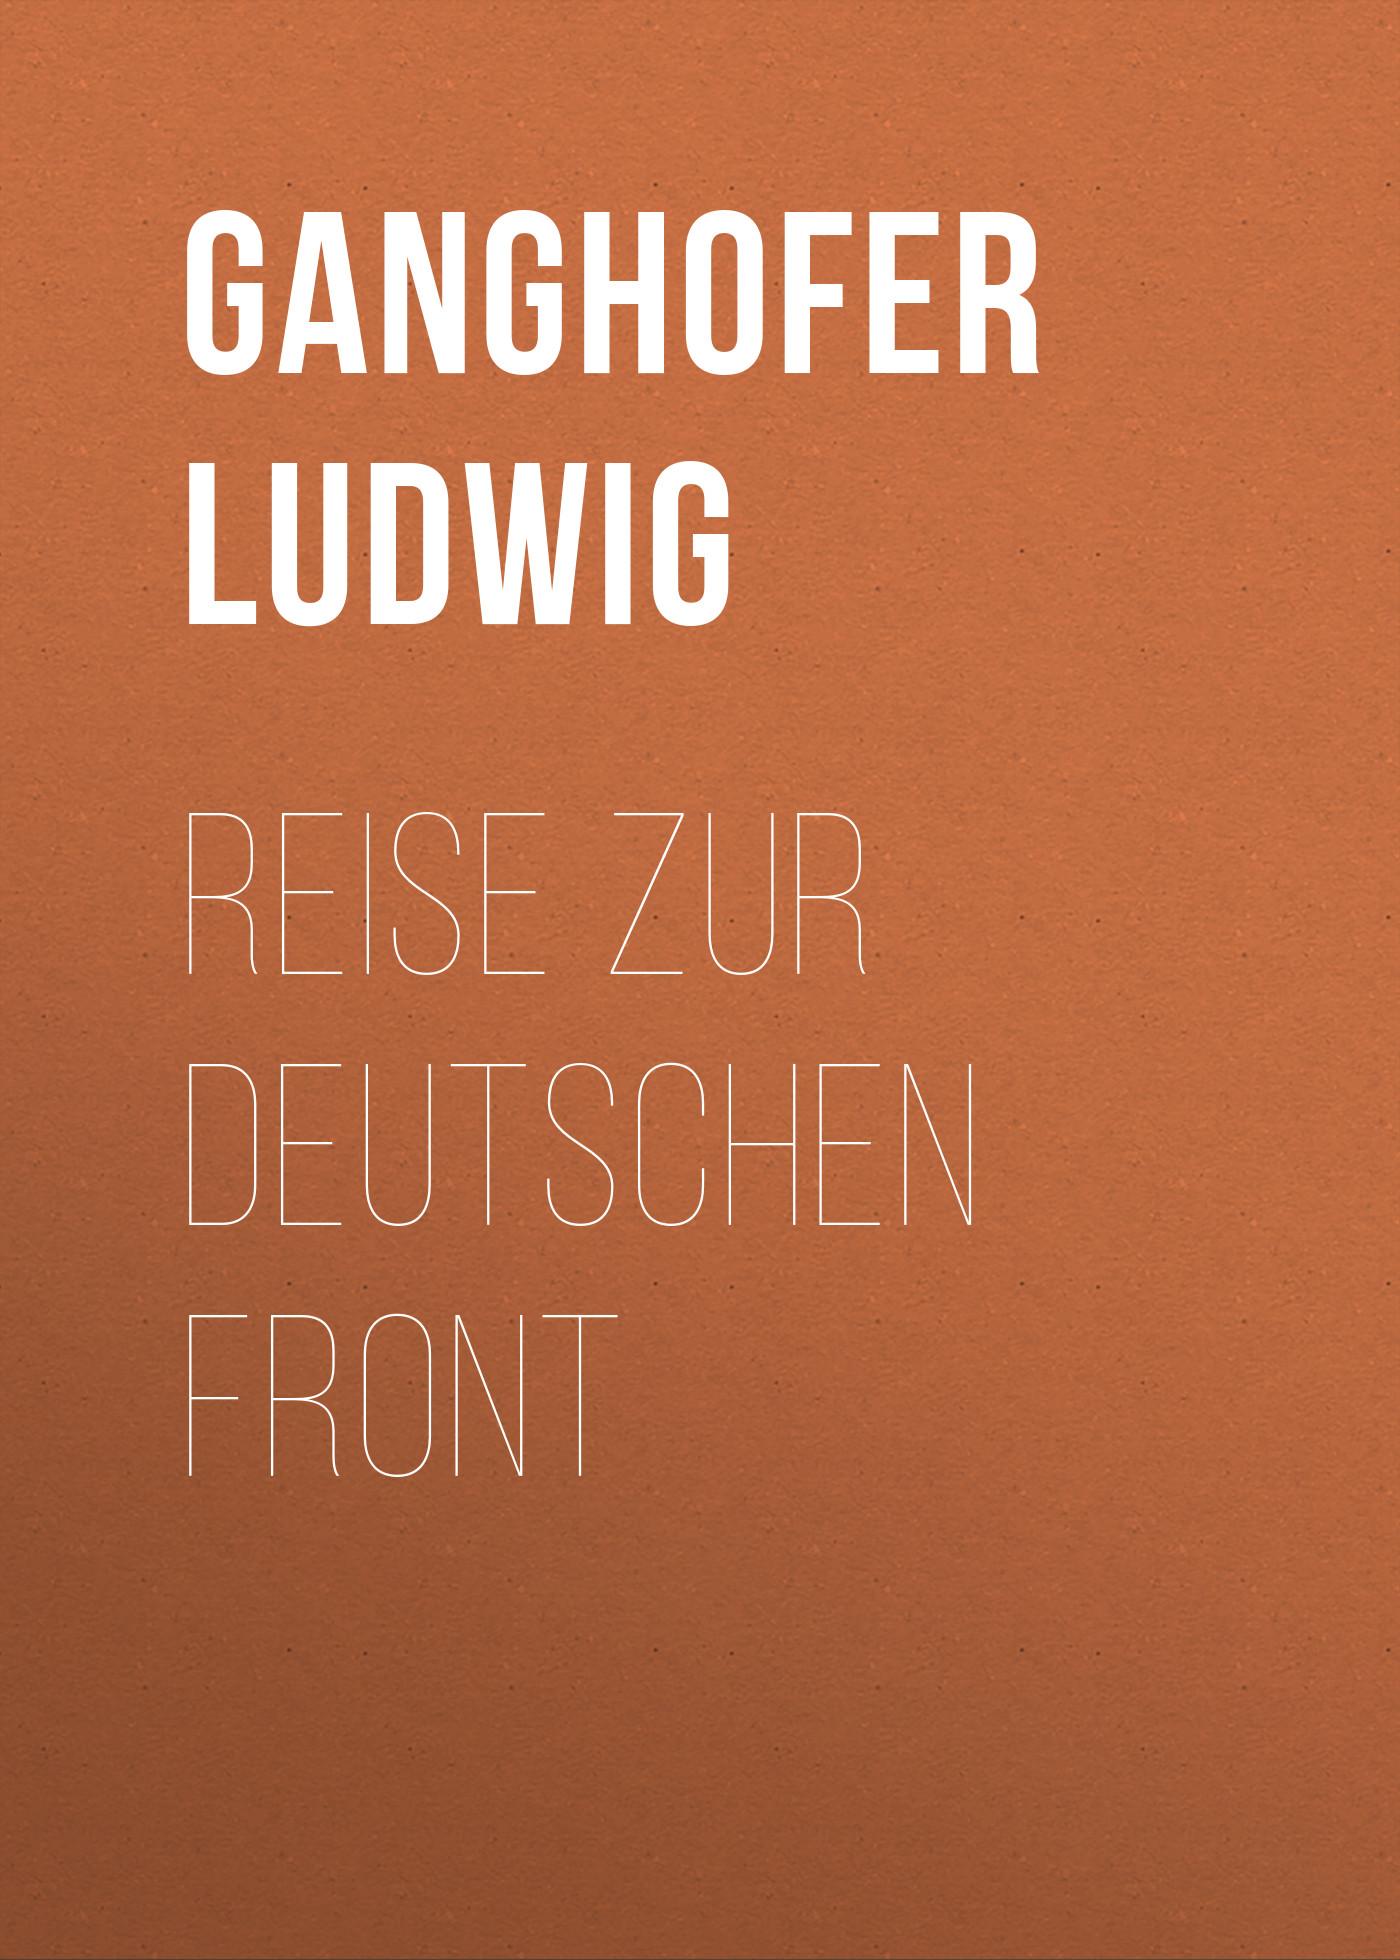 Ganghofer Ludwig Reise zur deutschen Front f x gabelsberger anleitung zur deutschen rede zeichen kunst oder stenographie